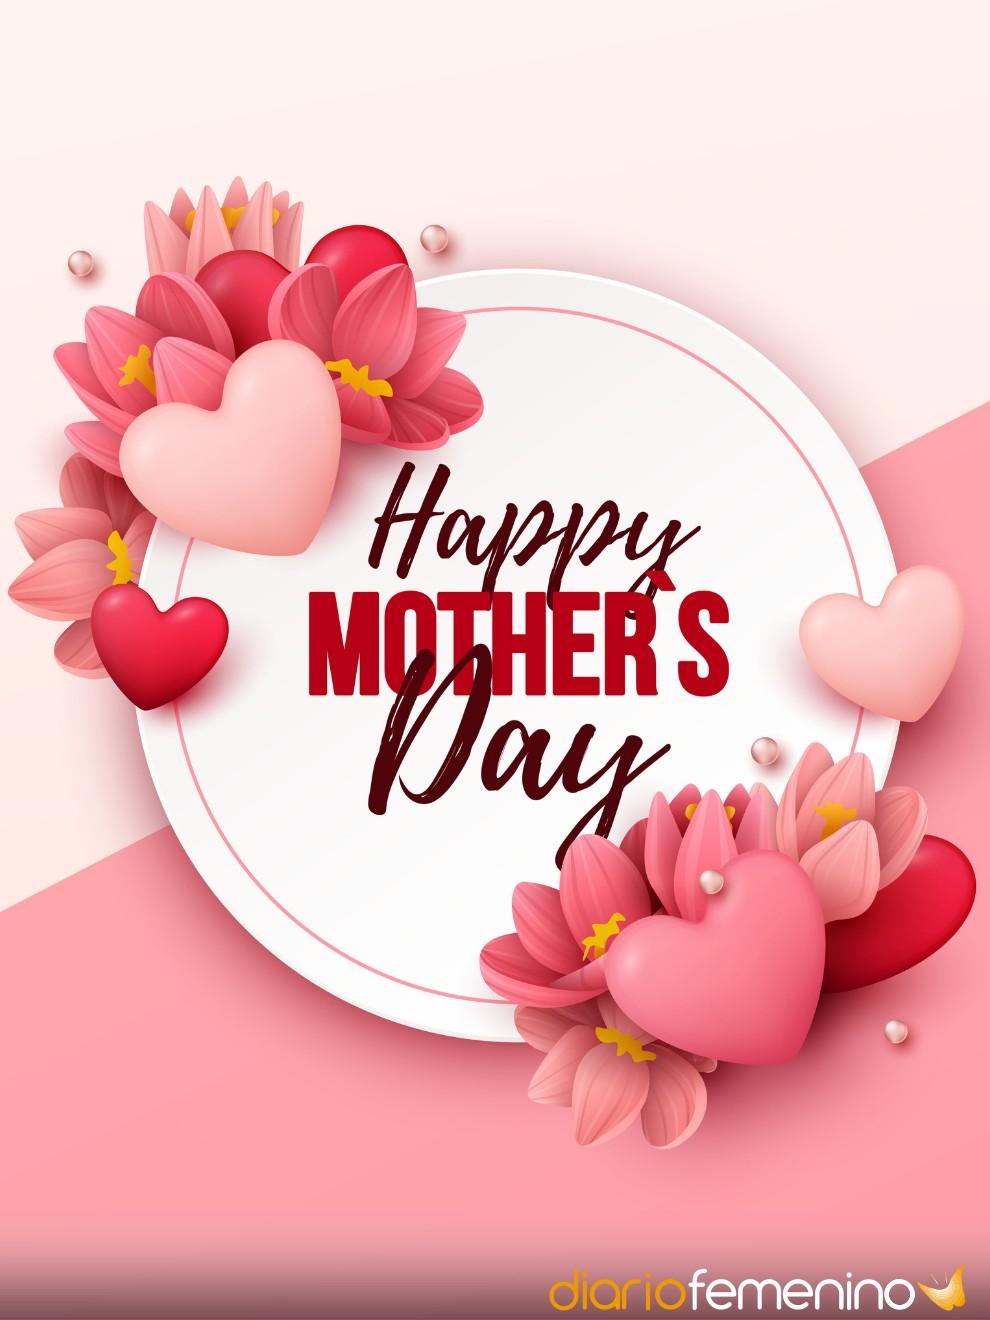 Feliz Día de la Madre para quienes aman a sus mamás